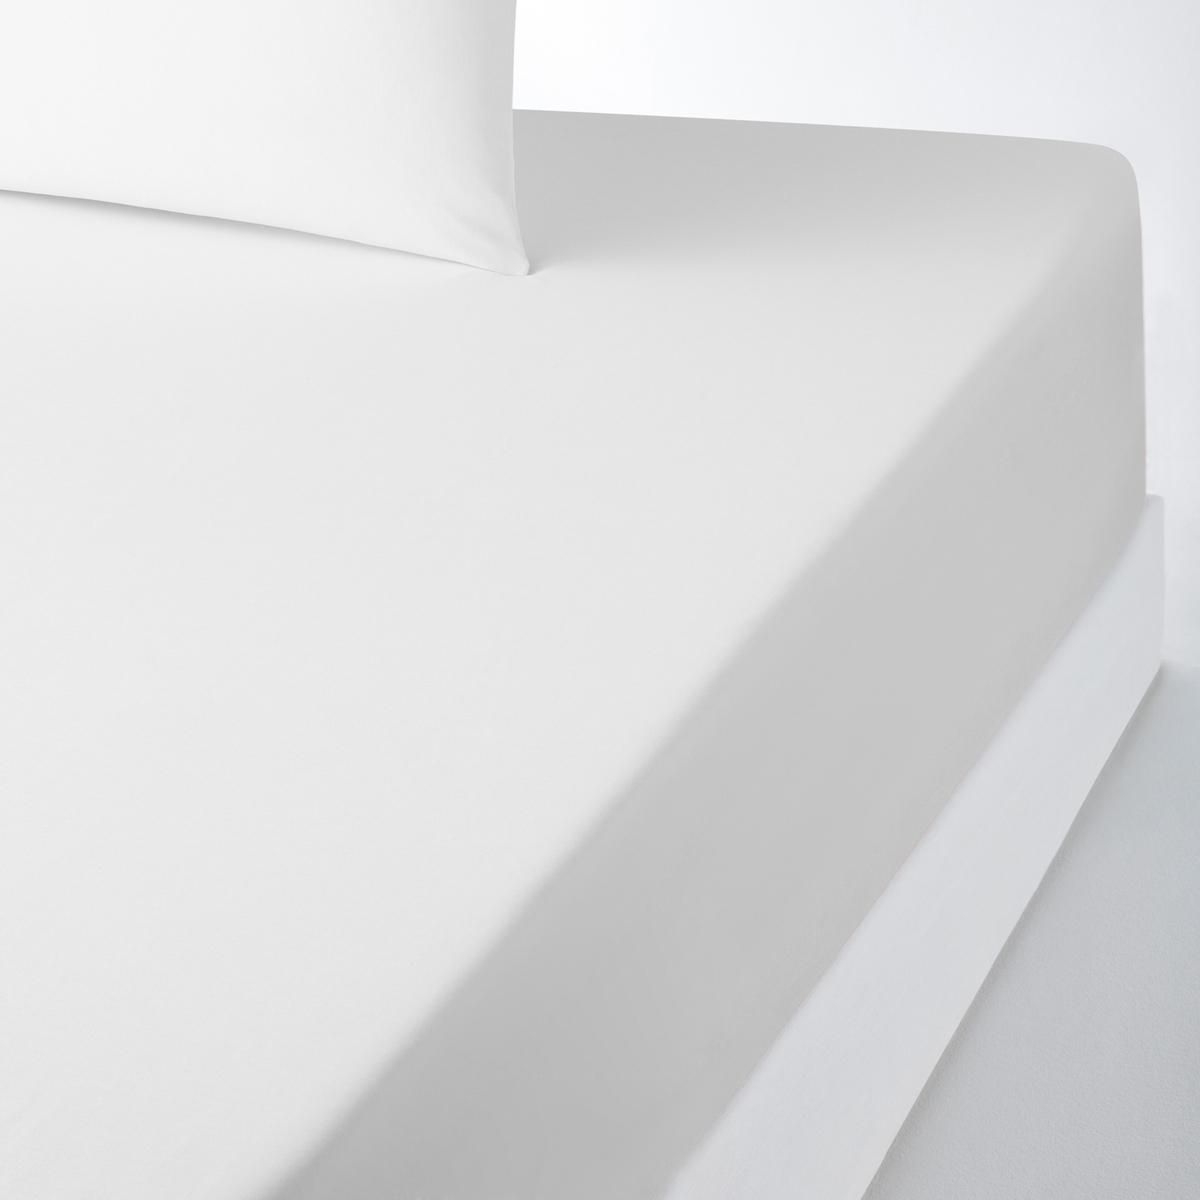 Натяжная простыня, 100% хлопокСтильная гамма цветов позволяет создаваять яркие комплекты SCENARIO.    57 нитей/см? : чем больше нитей/см?, тем выше качество ткани.Характеристики хлопчатобумажной натяжной простыни для толстого матраса:- Натяжная простыня из 100% хлопка плотного плетения (57 нитей/см? : чем больше количество нитей/см?, тем выше качество ткани), очень мягкая и удобная. - Специально разработана для толстых матрасов до 30 см (клапан 32 см).- Прекрасно сохраняет цвет после стирок (60°).Знак Oeko-Tex® гарантирует, что товары протестированы, сертифицированы и не содержат вредных для здоровья веществ. Натяжная простыня  :90 x 190 см : 1-спальный.140 x 190 см : 2-спальный.140 x 200 см : 2-спальный.160 x 200 см : 2-спальный.2 p : 2-спальный.Найдите другие предметы постельного белья SC?NARIO на нашем сайте<br><br>Цвет: антрацит,белый,желтый горчичный,розовый коралловый,сине-зеленый,фиолетовый<br>Размер: 180 x 200  см.160 x 200  см.90 x 190  см.180 x 200  см.90 x 190  см.160 x 200  см